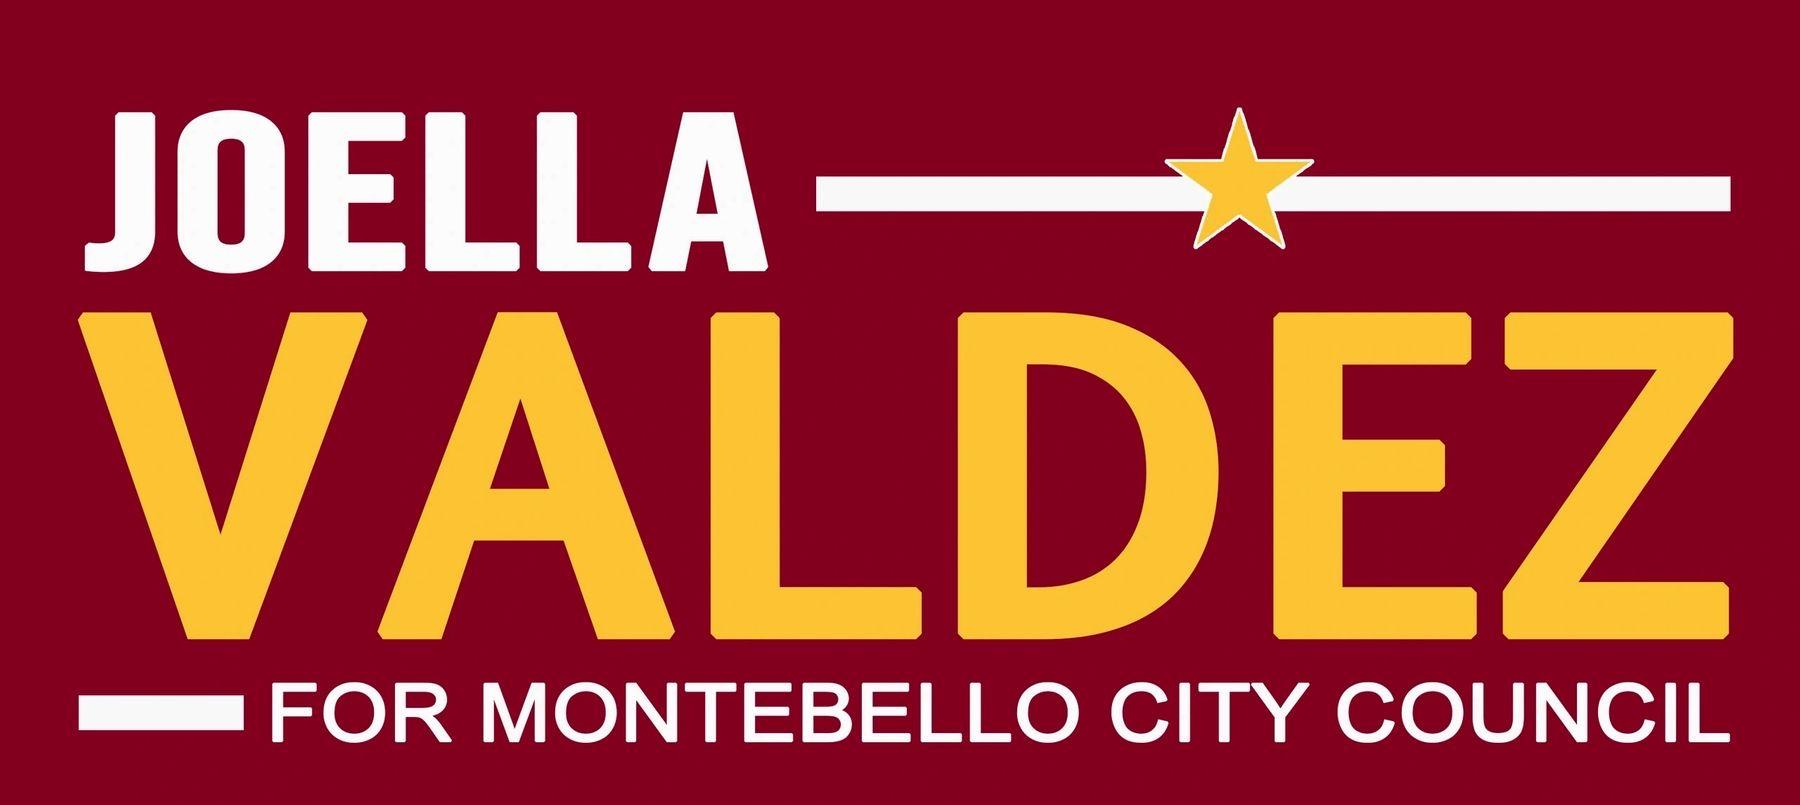 Joella Valdez for Montebello City Council 2020